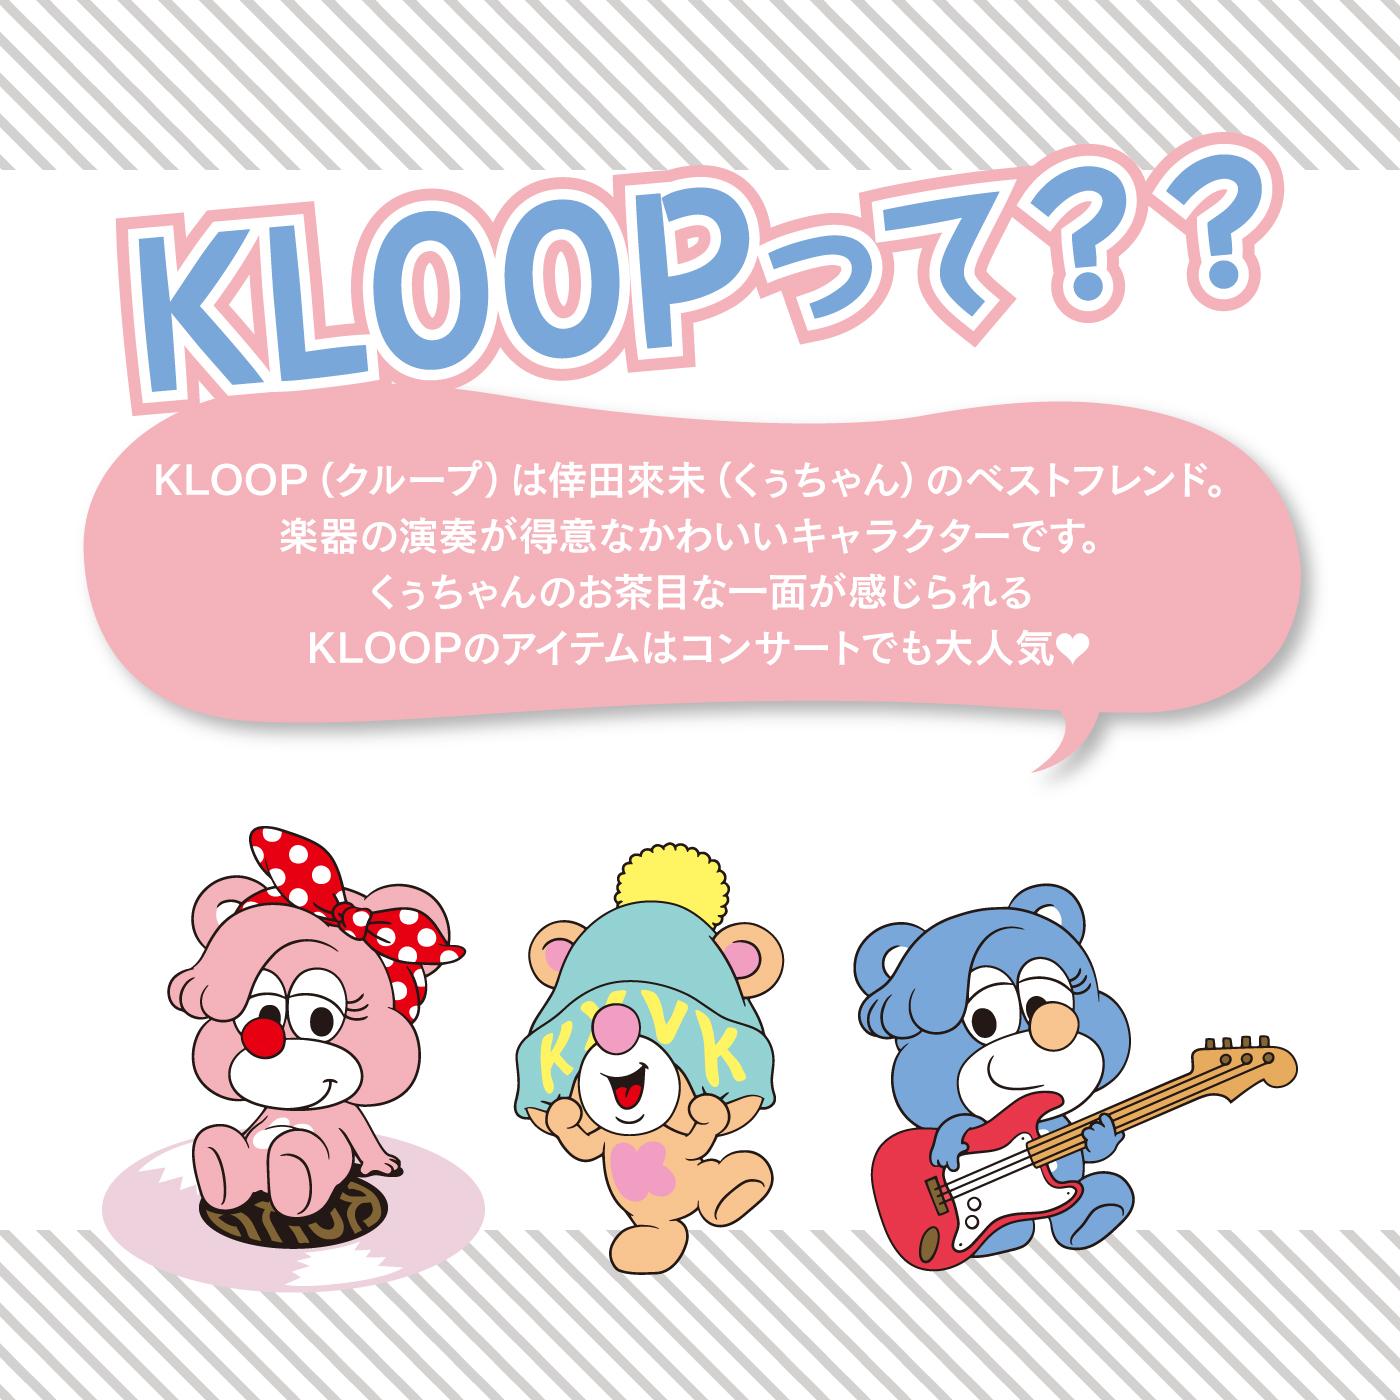 おちゃめで音楽が大好きなくまのマスコットKLOOP(クループ)